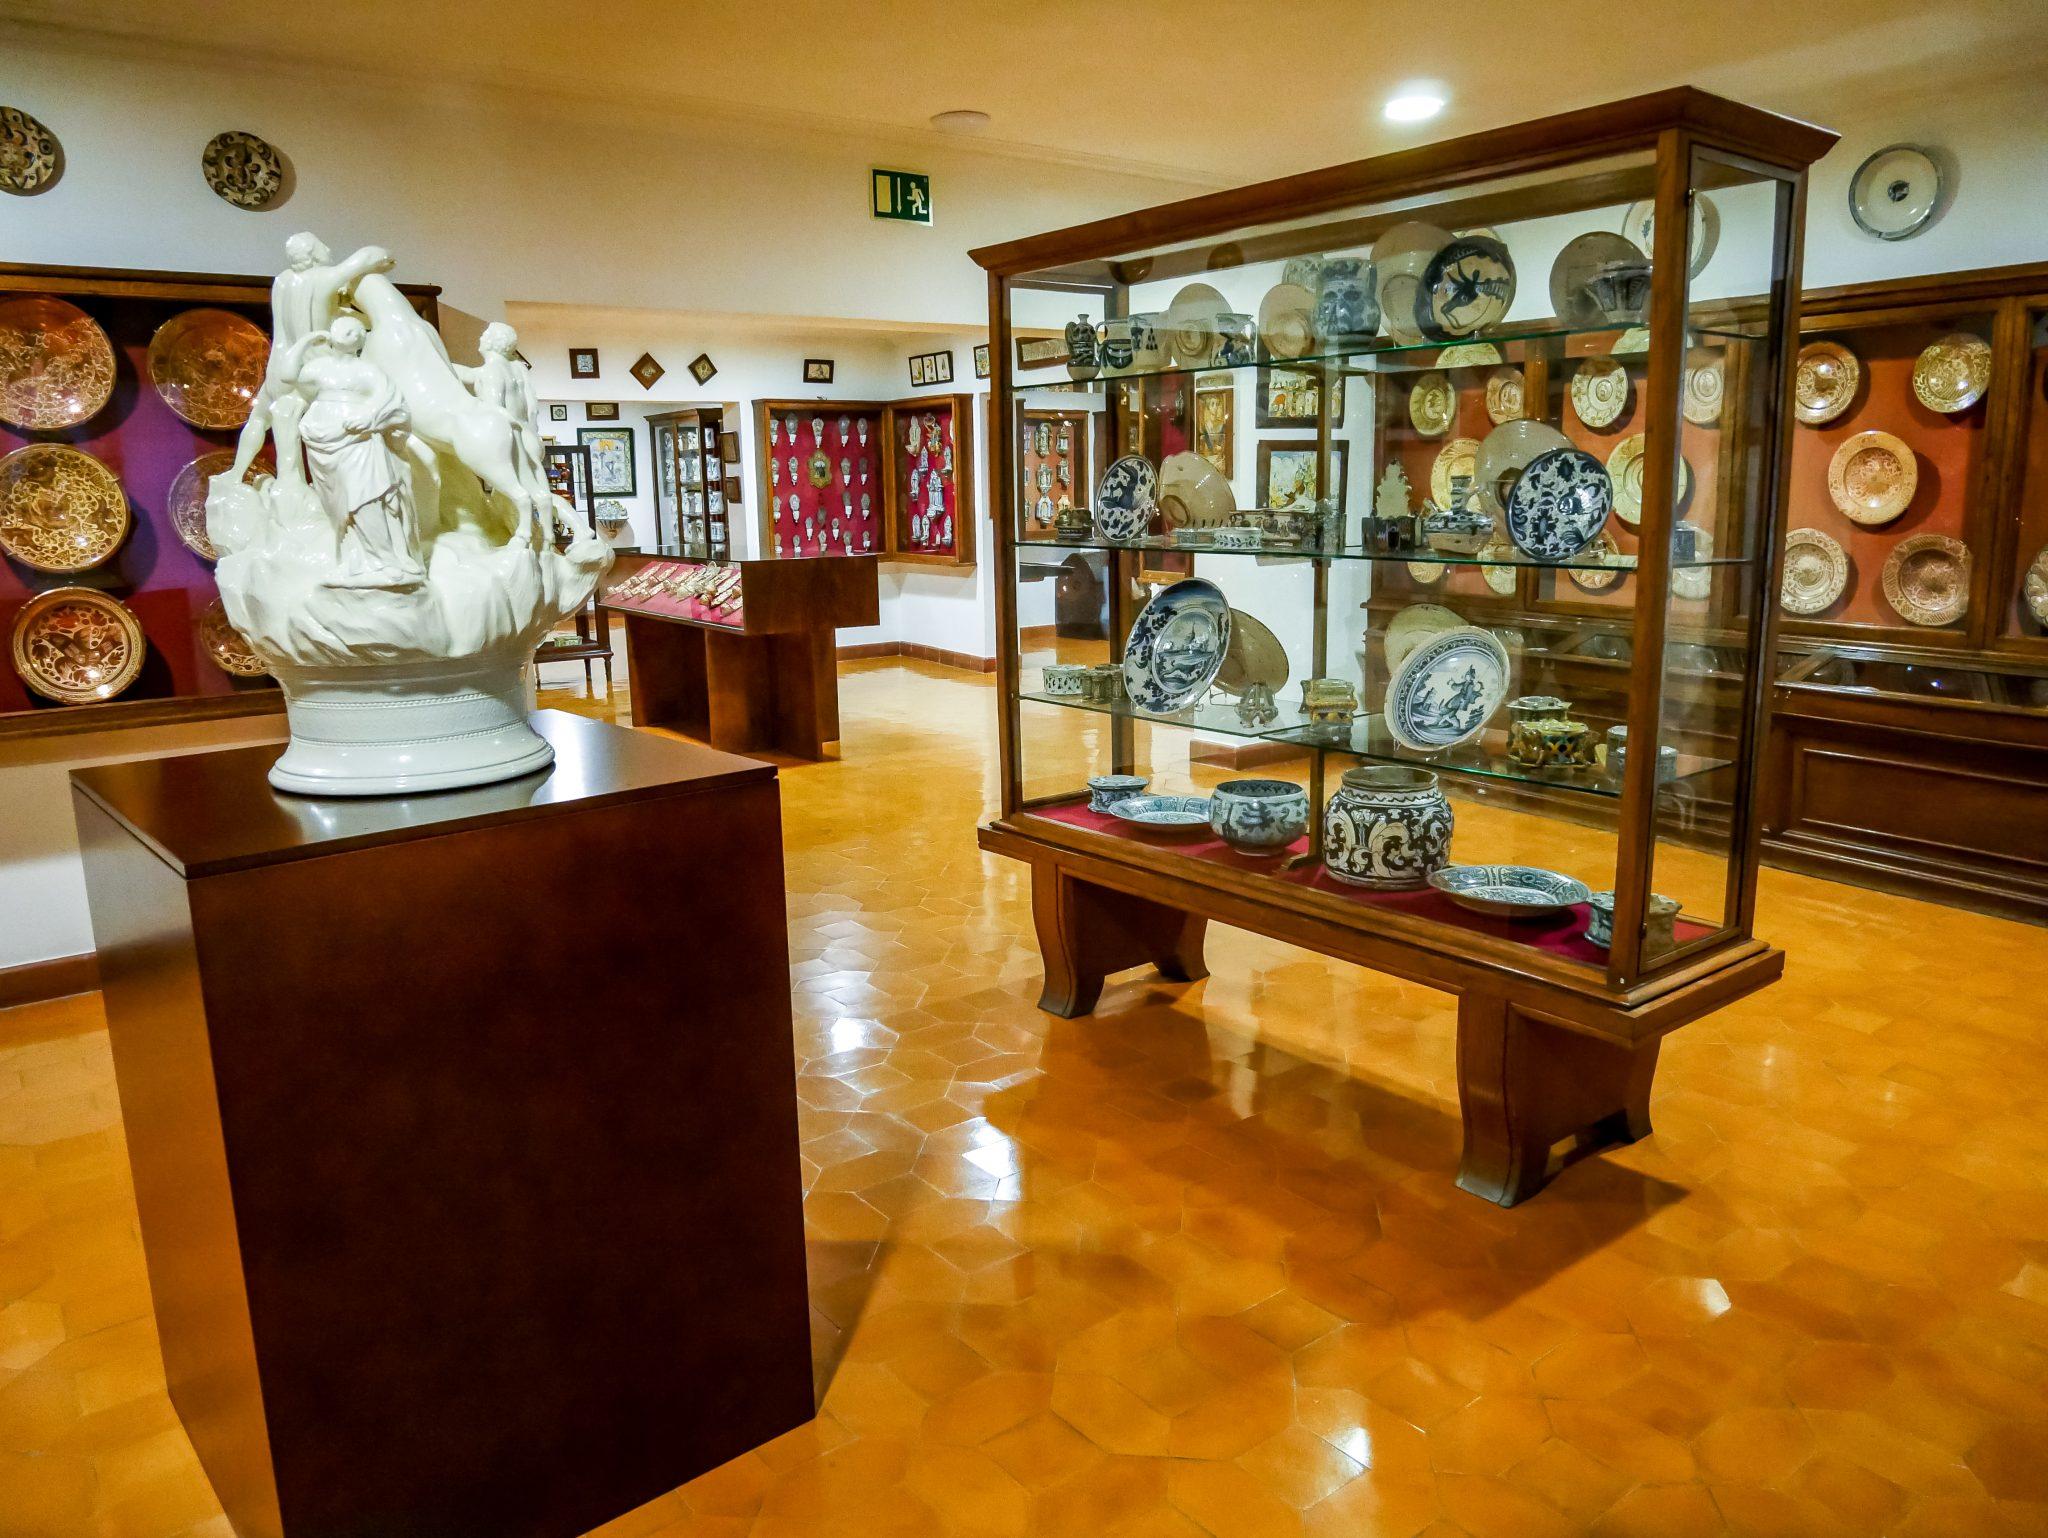 Sonntagsab 15 - 20 Uhr kann man das Museu Frederic Marès (MFM)kostenlos besichtigen.